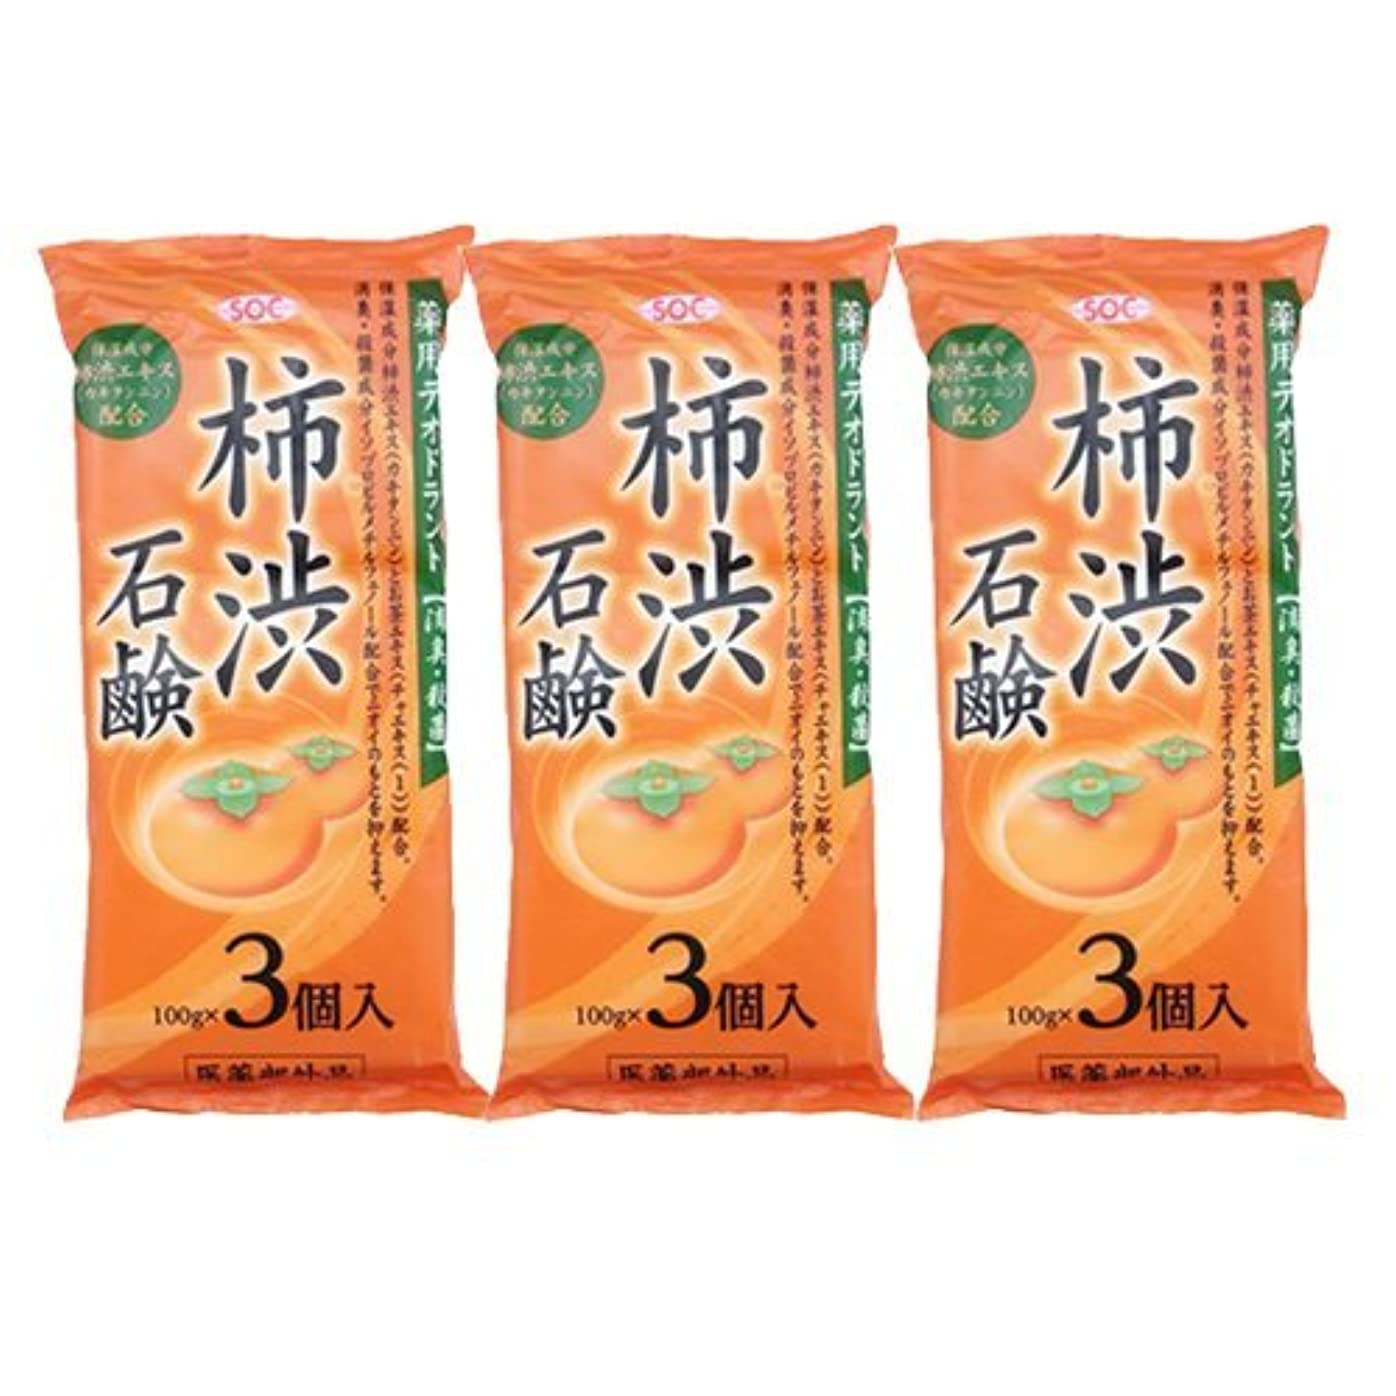 堂々たる医療の爆弾渋谷油脂 SOC 薬用柿渋石鹸 3P ×3袋セット (100g×9個)